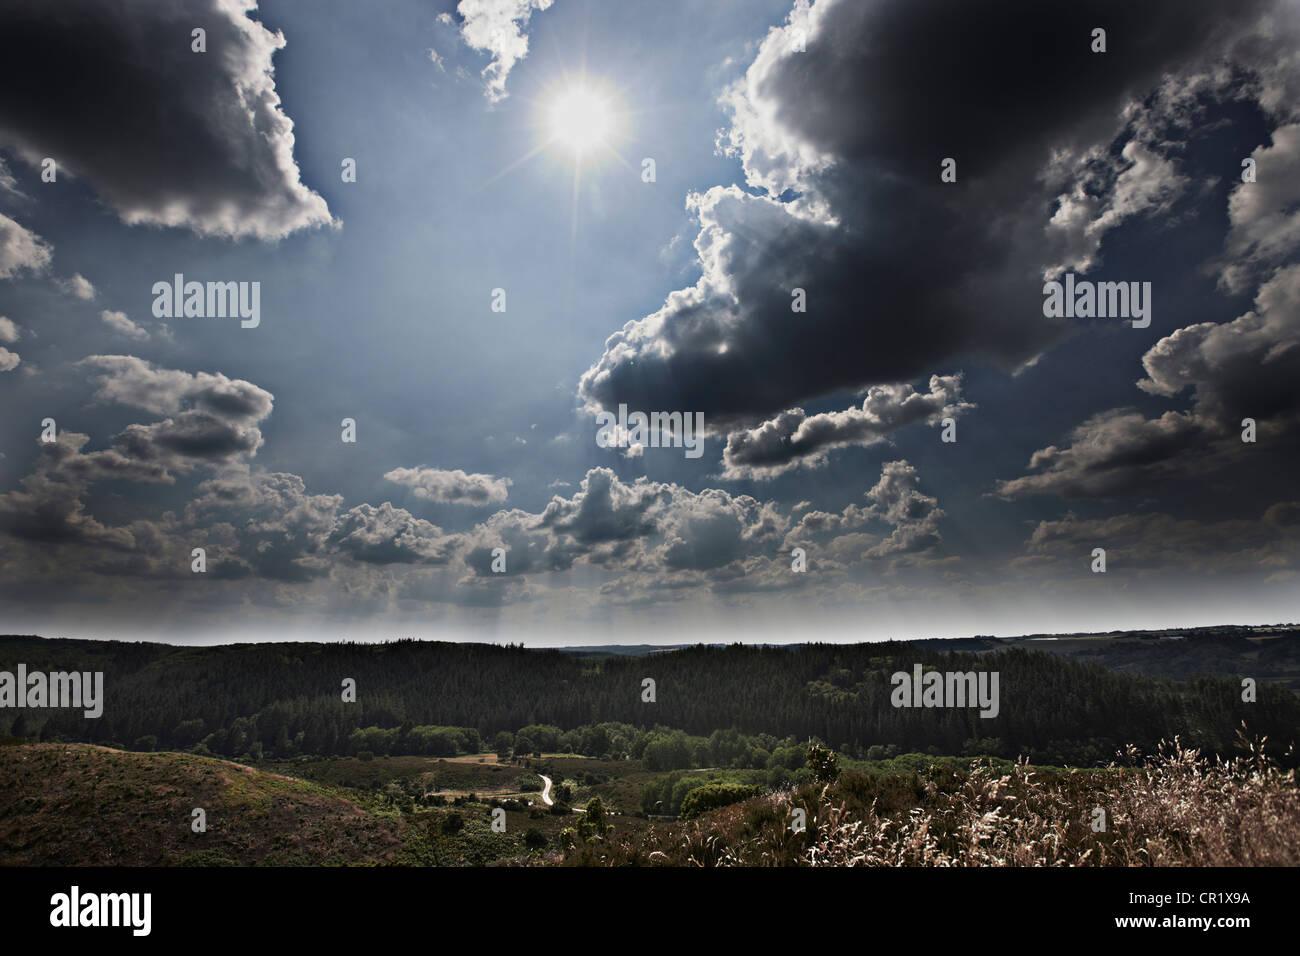 Nuages sur paysage rural Photo Stock